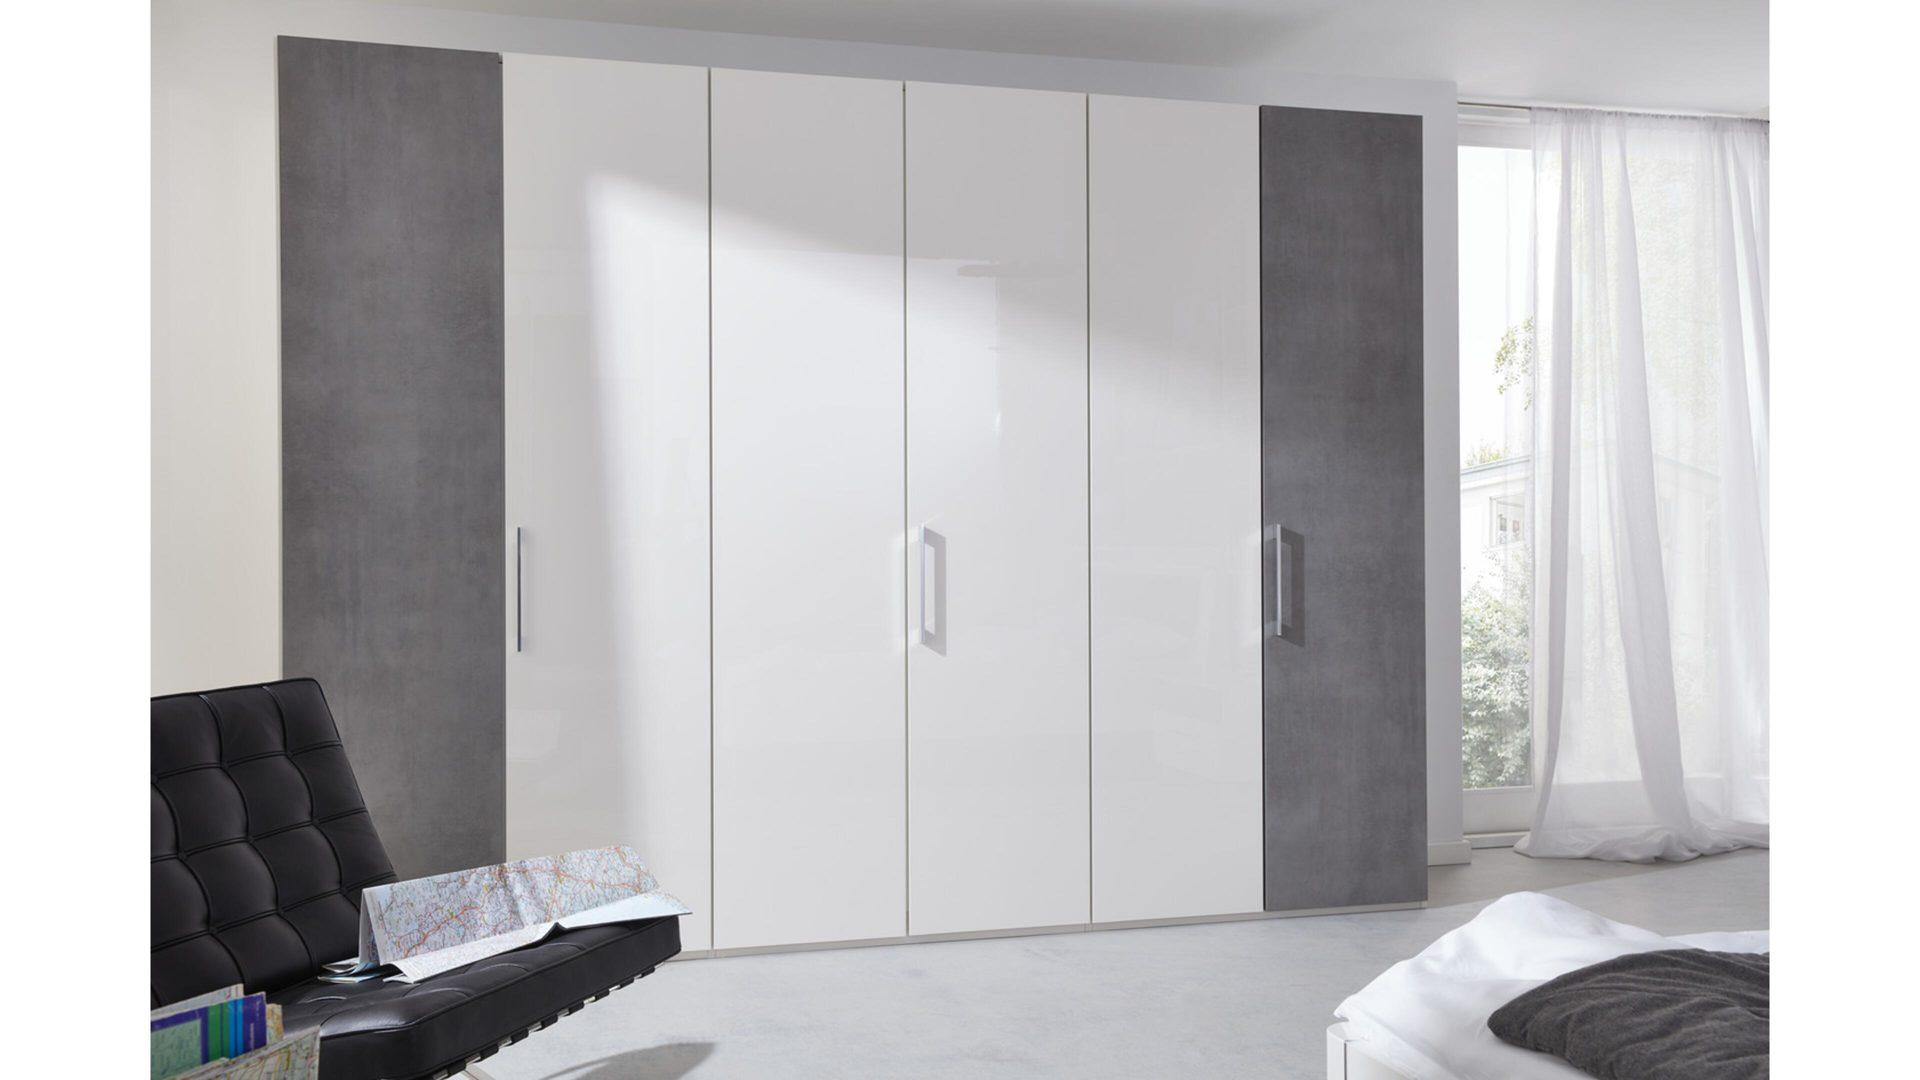 Interliving Schlafzimmer Serie 1003 Kleiderschrank Bianco Weiße